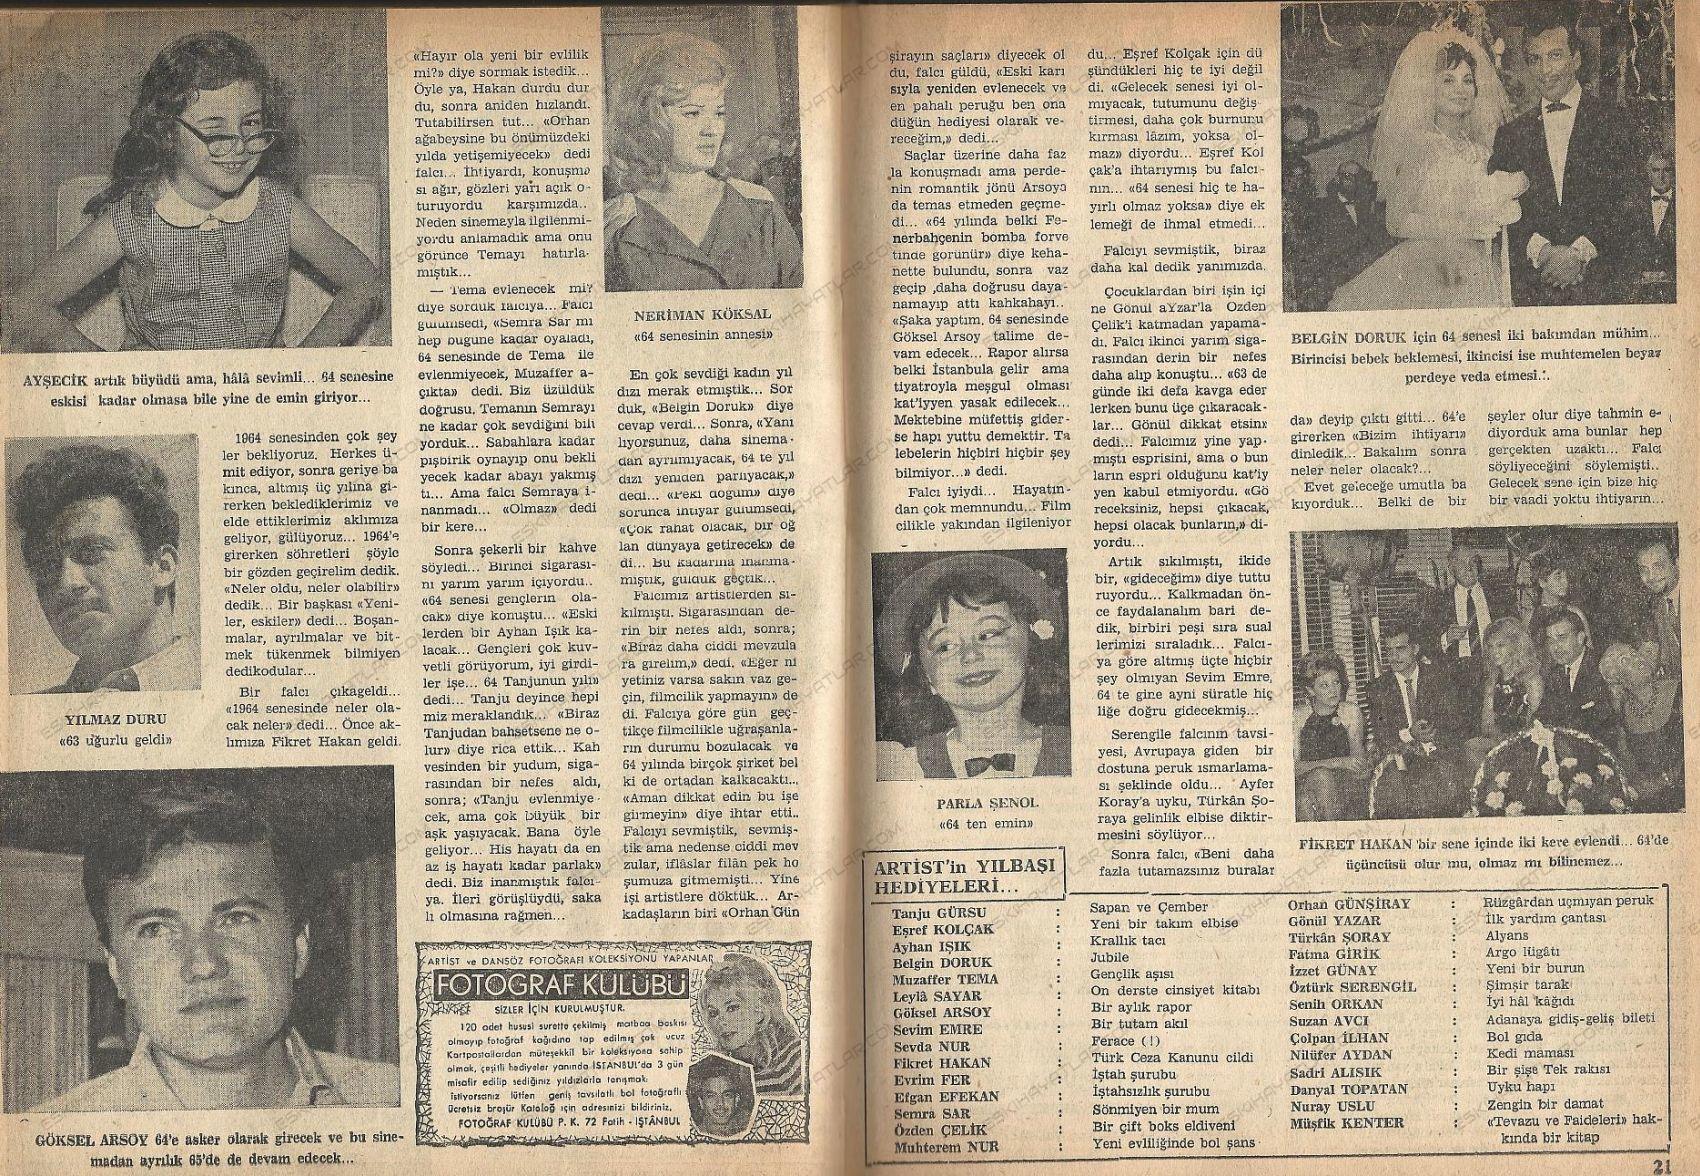 0270-tanju-gursu-esref-kolcak-ayhan-isik-belgin-doruk-1963-artist-dergisi-leyla-sayar-goksel-arsoy-sevim-emre-fikret-hakan-efgan-efekan-semra-sar-muhterem-nur-ozden-celik-evrim-fer (2)